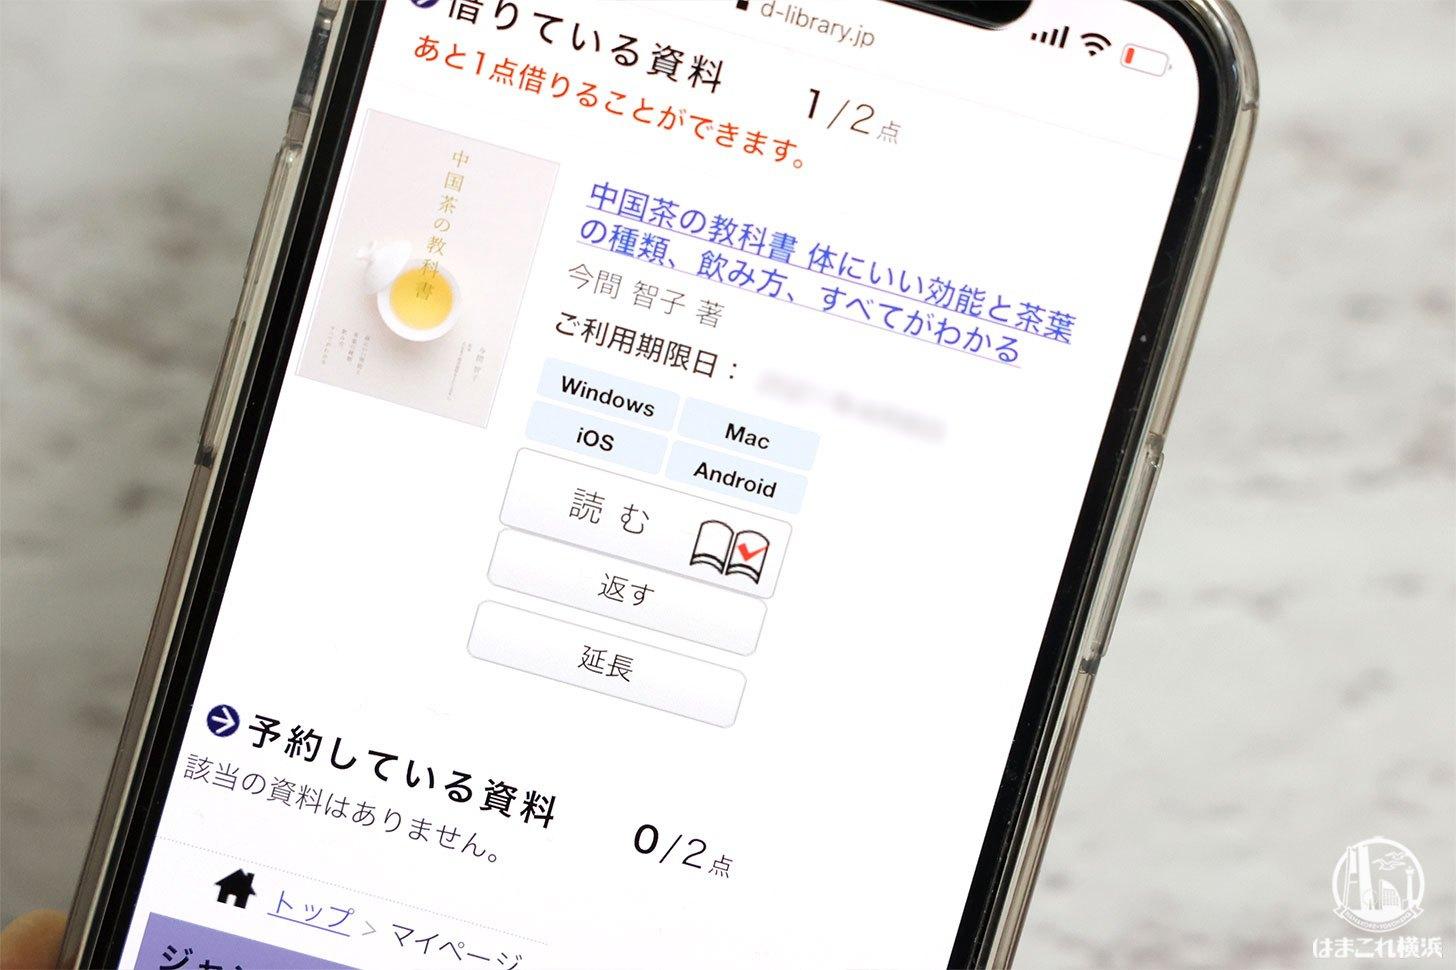 横浜市立図書館「電子書籍サービス」